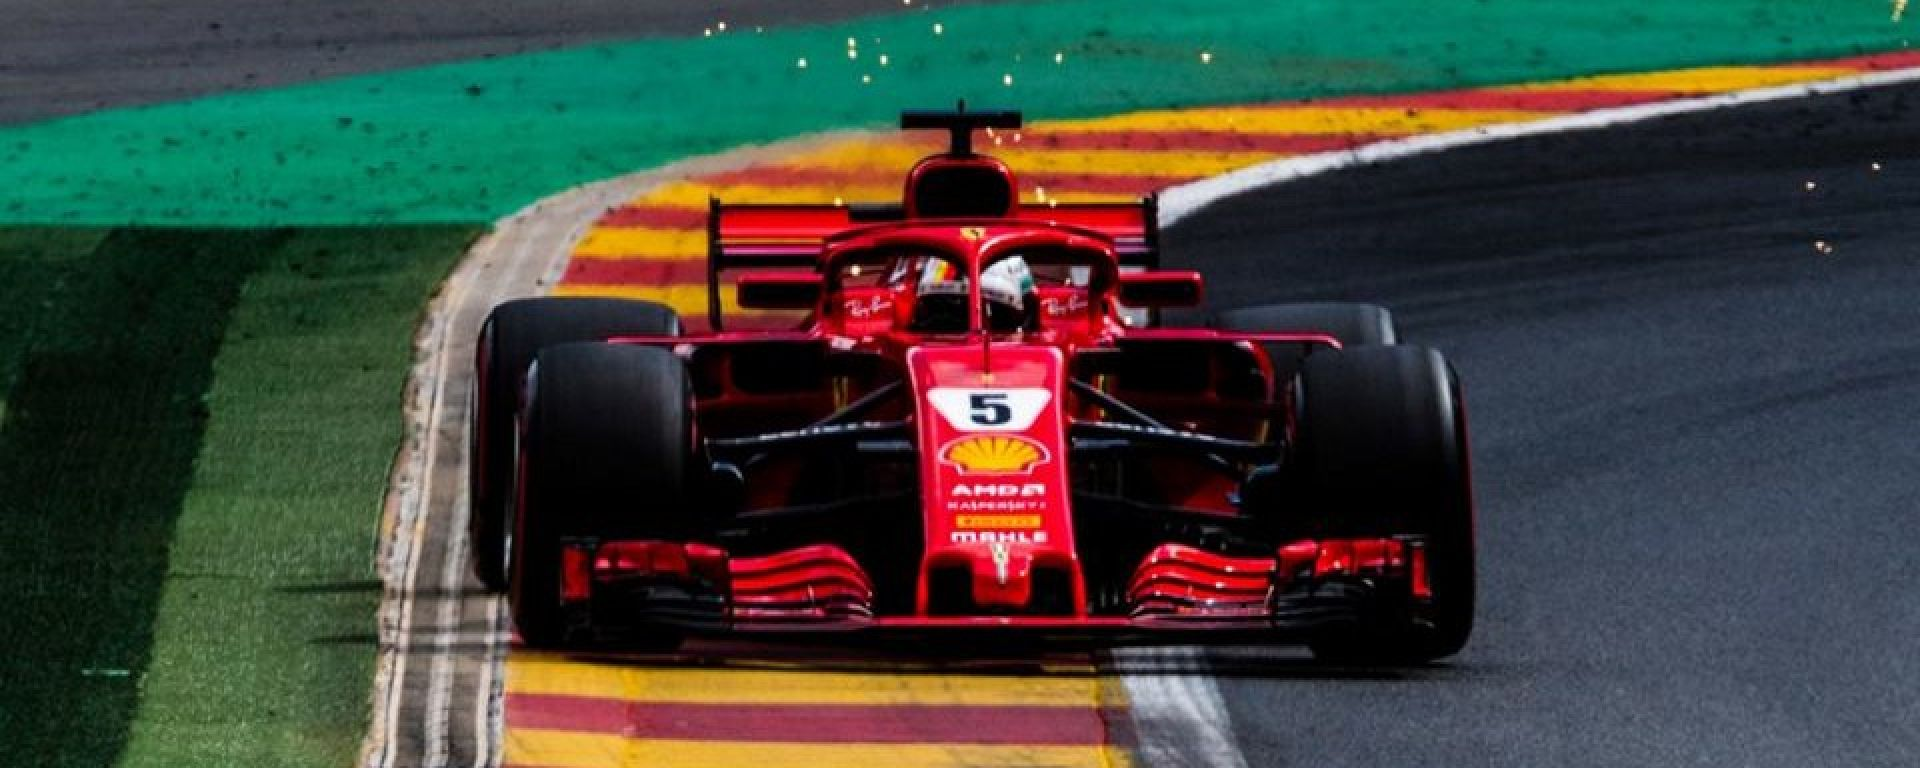 F1 GP Monza Italia 2018: gli orari per seguire la diretta Tv